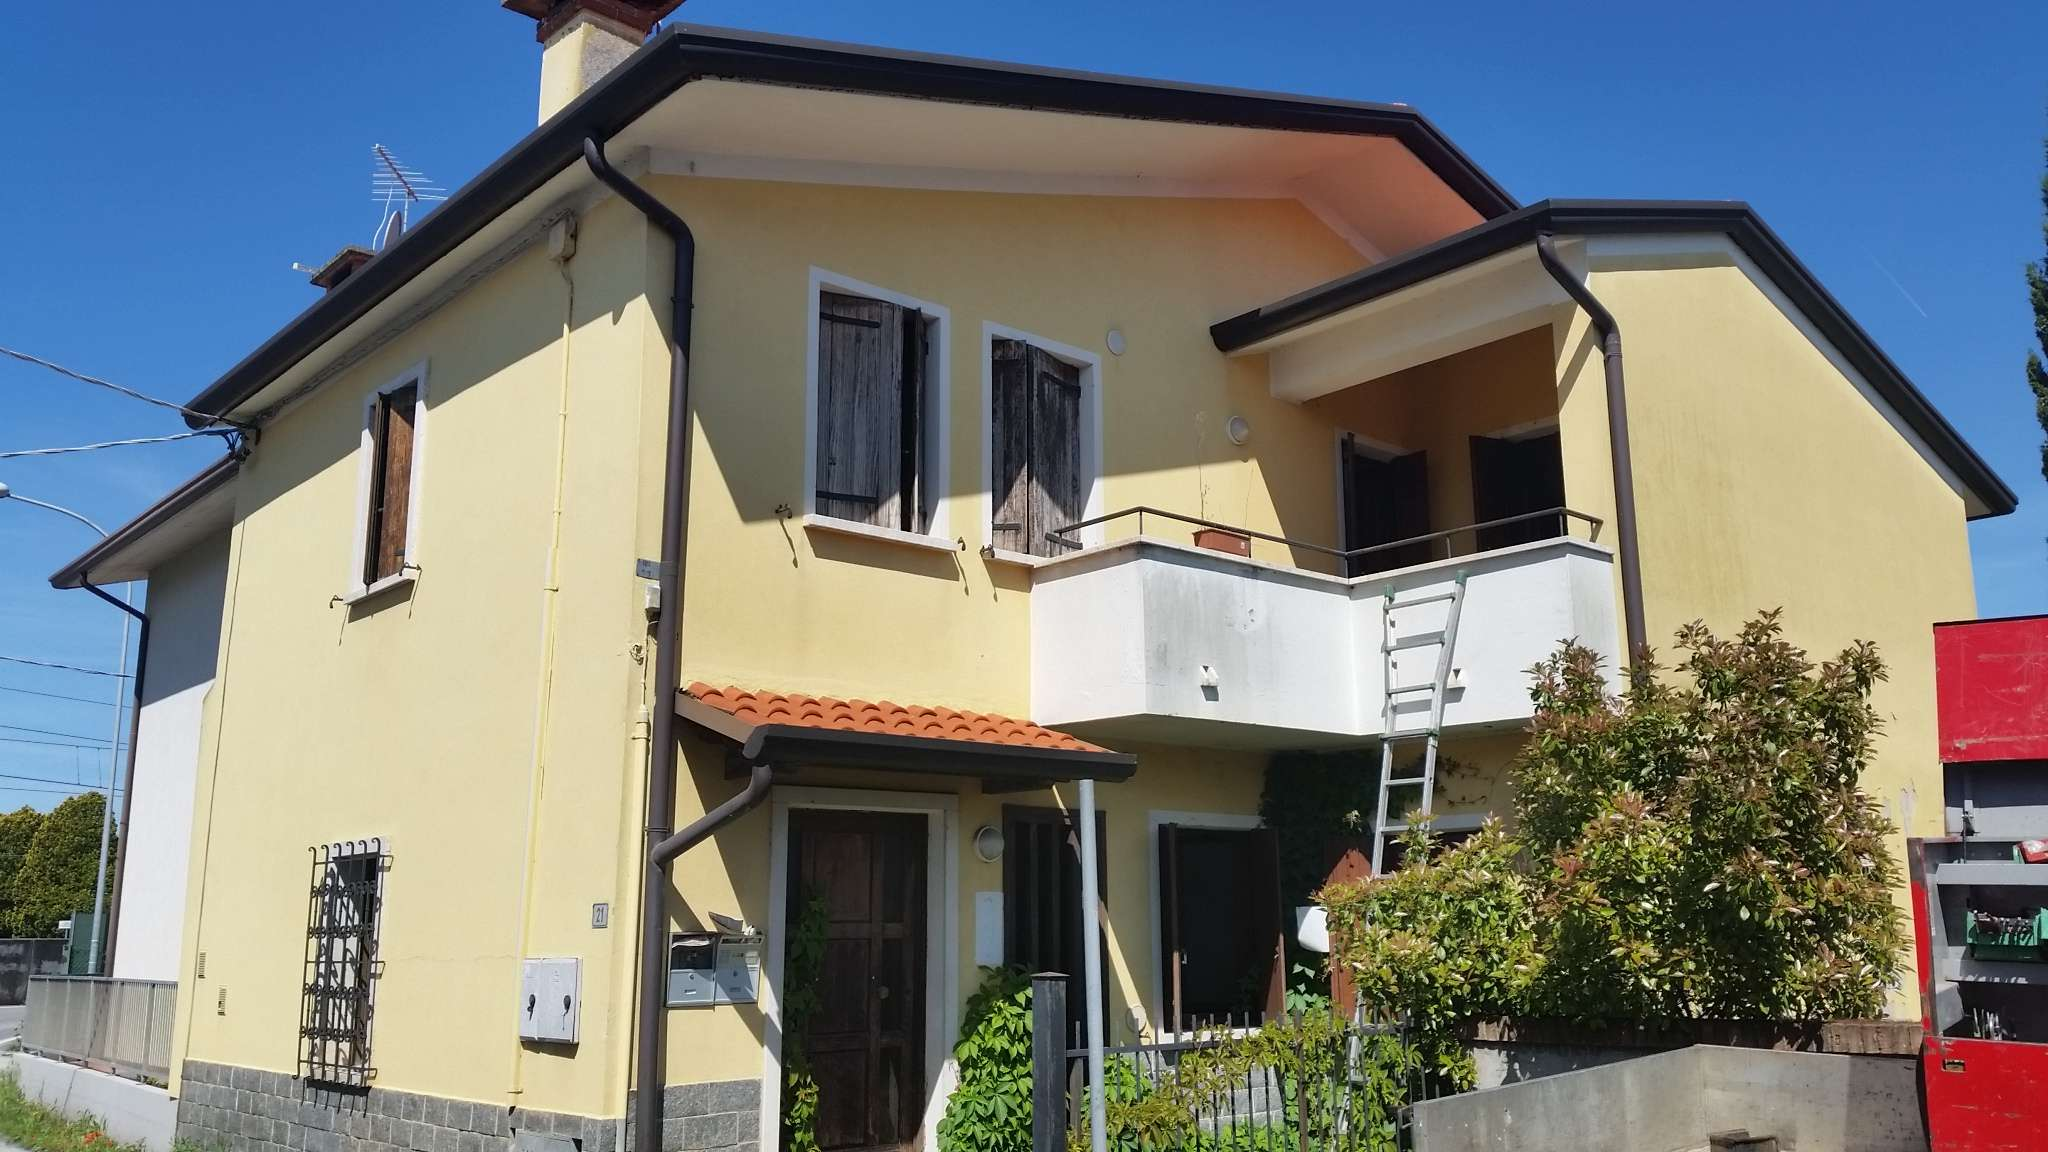 Appartamento in vendita a Cassola, 3 locali, prezzo € 27.000 | CambioCasa.it